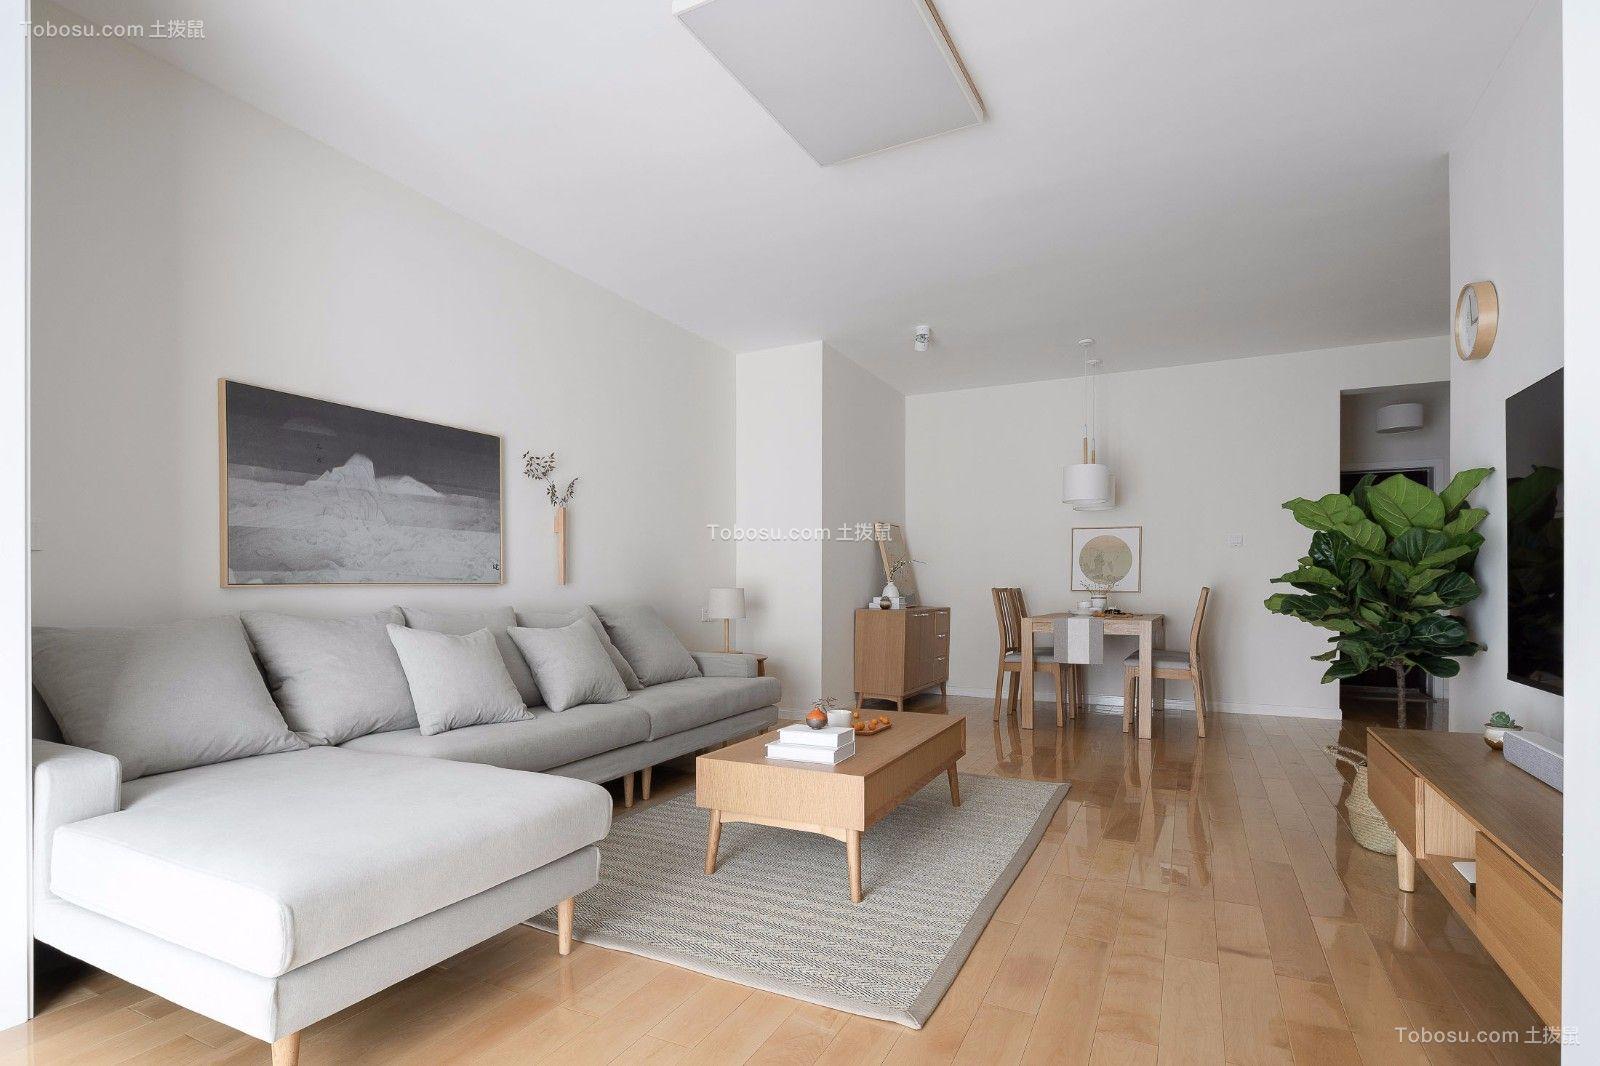 简中式日韩式风格简约90平米两室设计图片